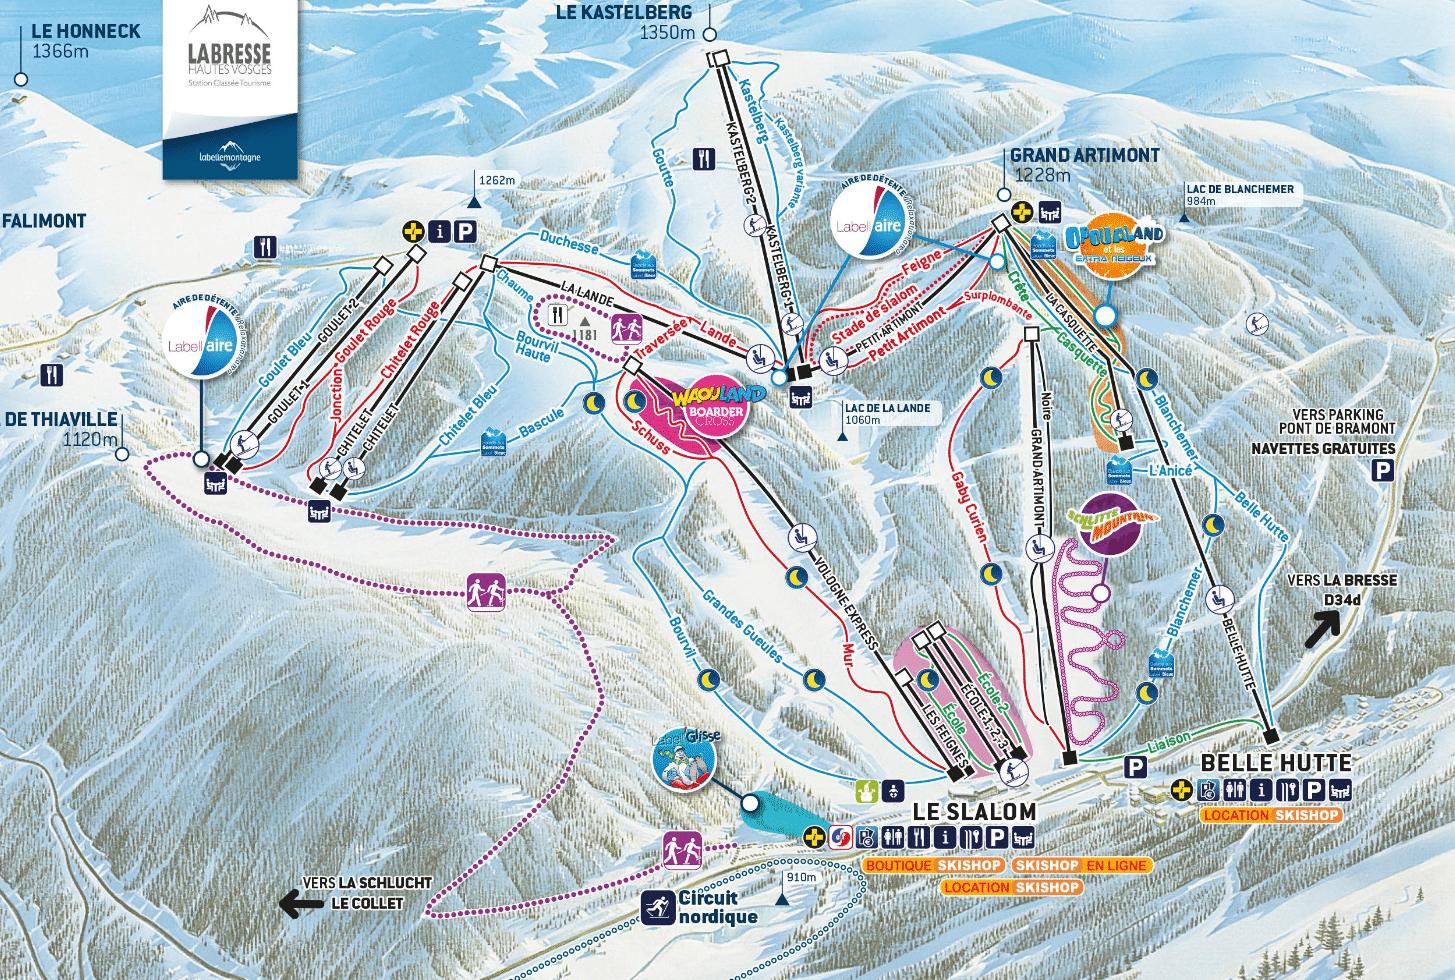 La bresse hohneck - Plan des pistes de ski